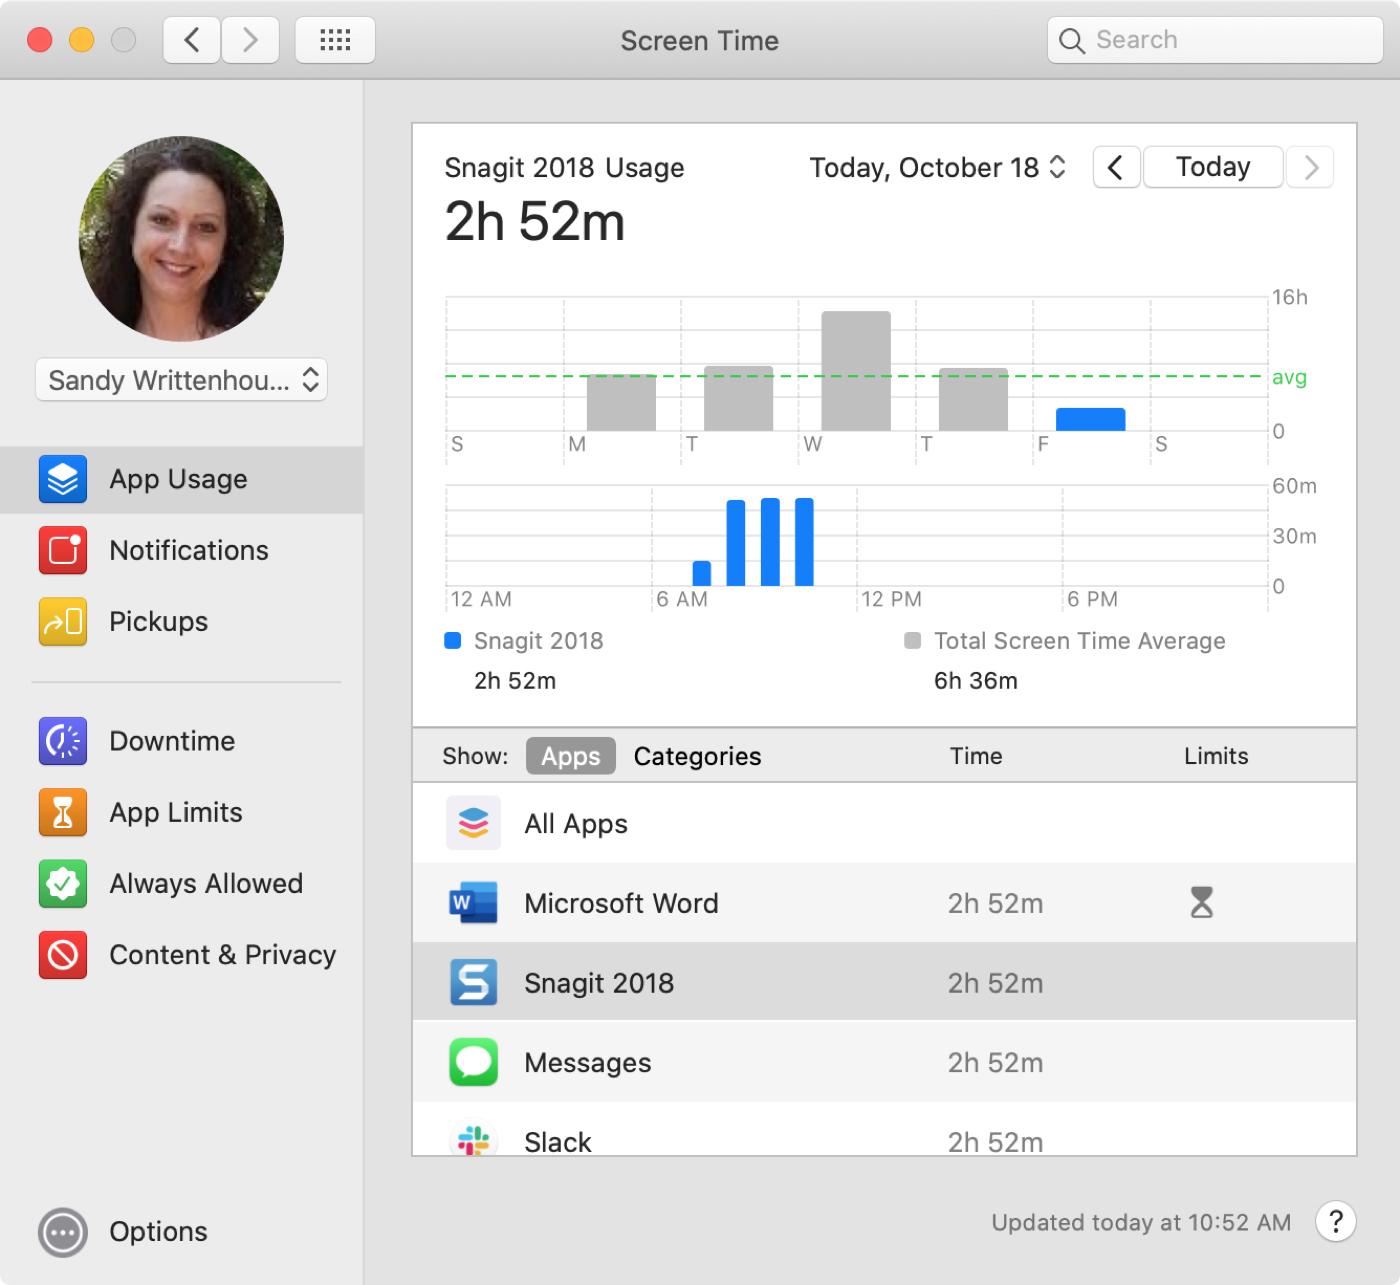 Appanvändning Apptid och begränsning av Mac